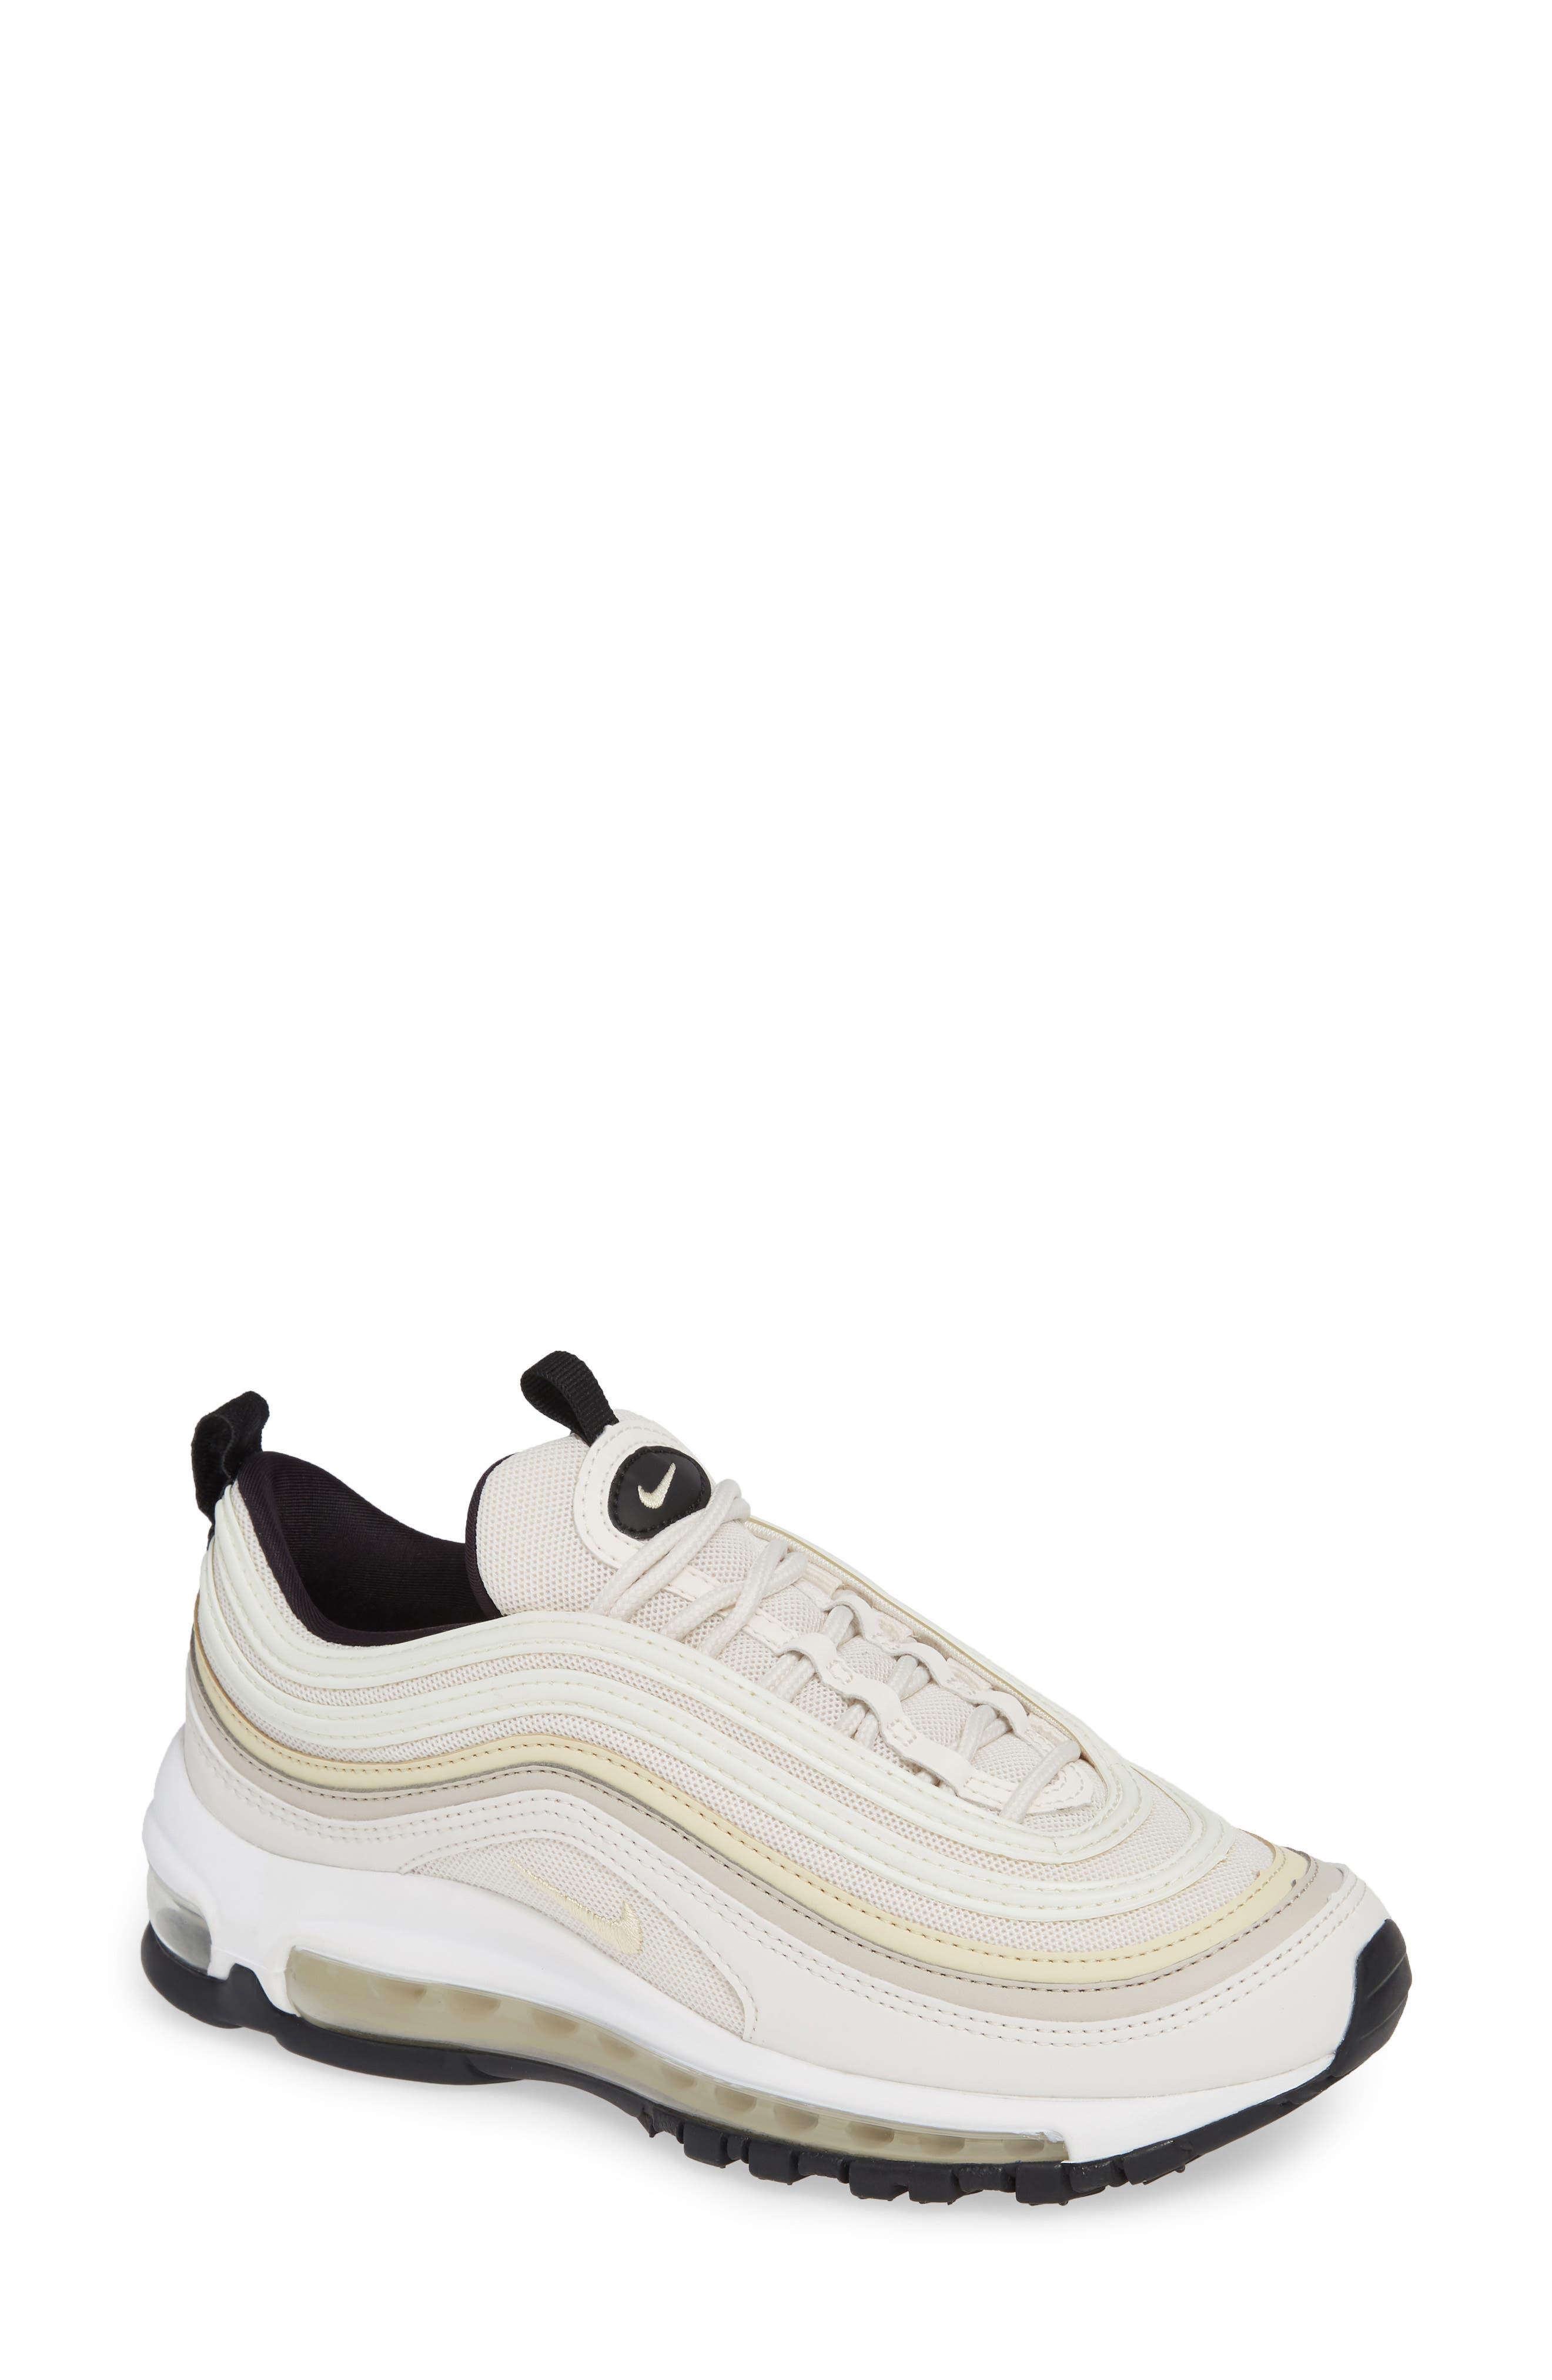 Air Max 97 Sneaker,                         Main,                         color, 250